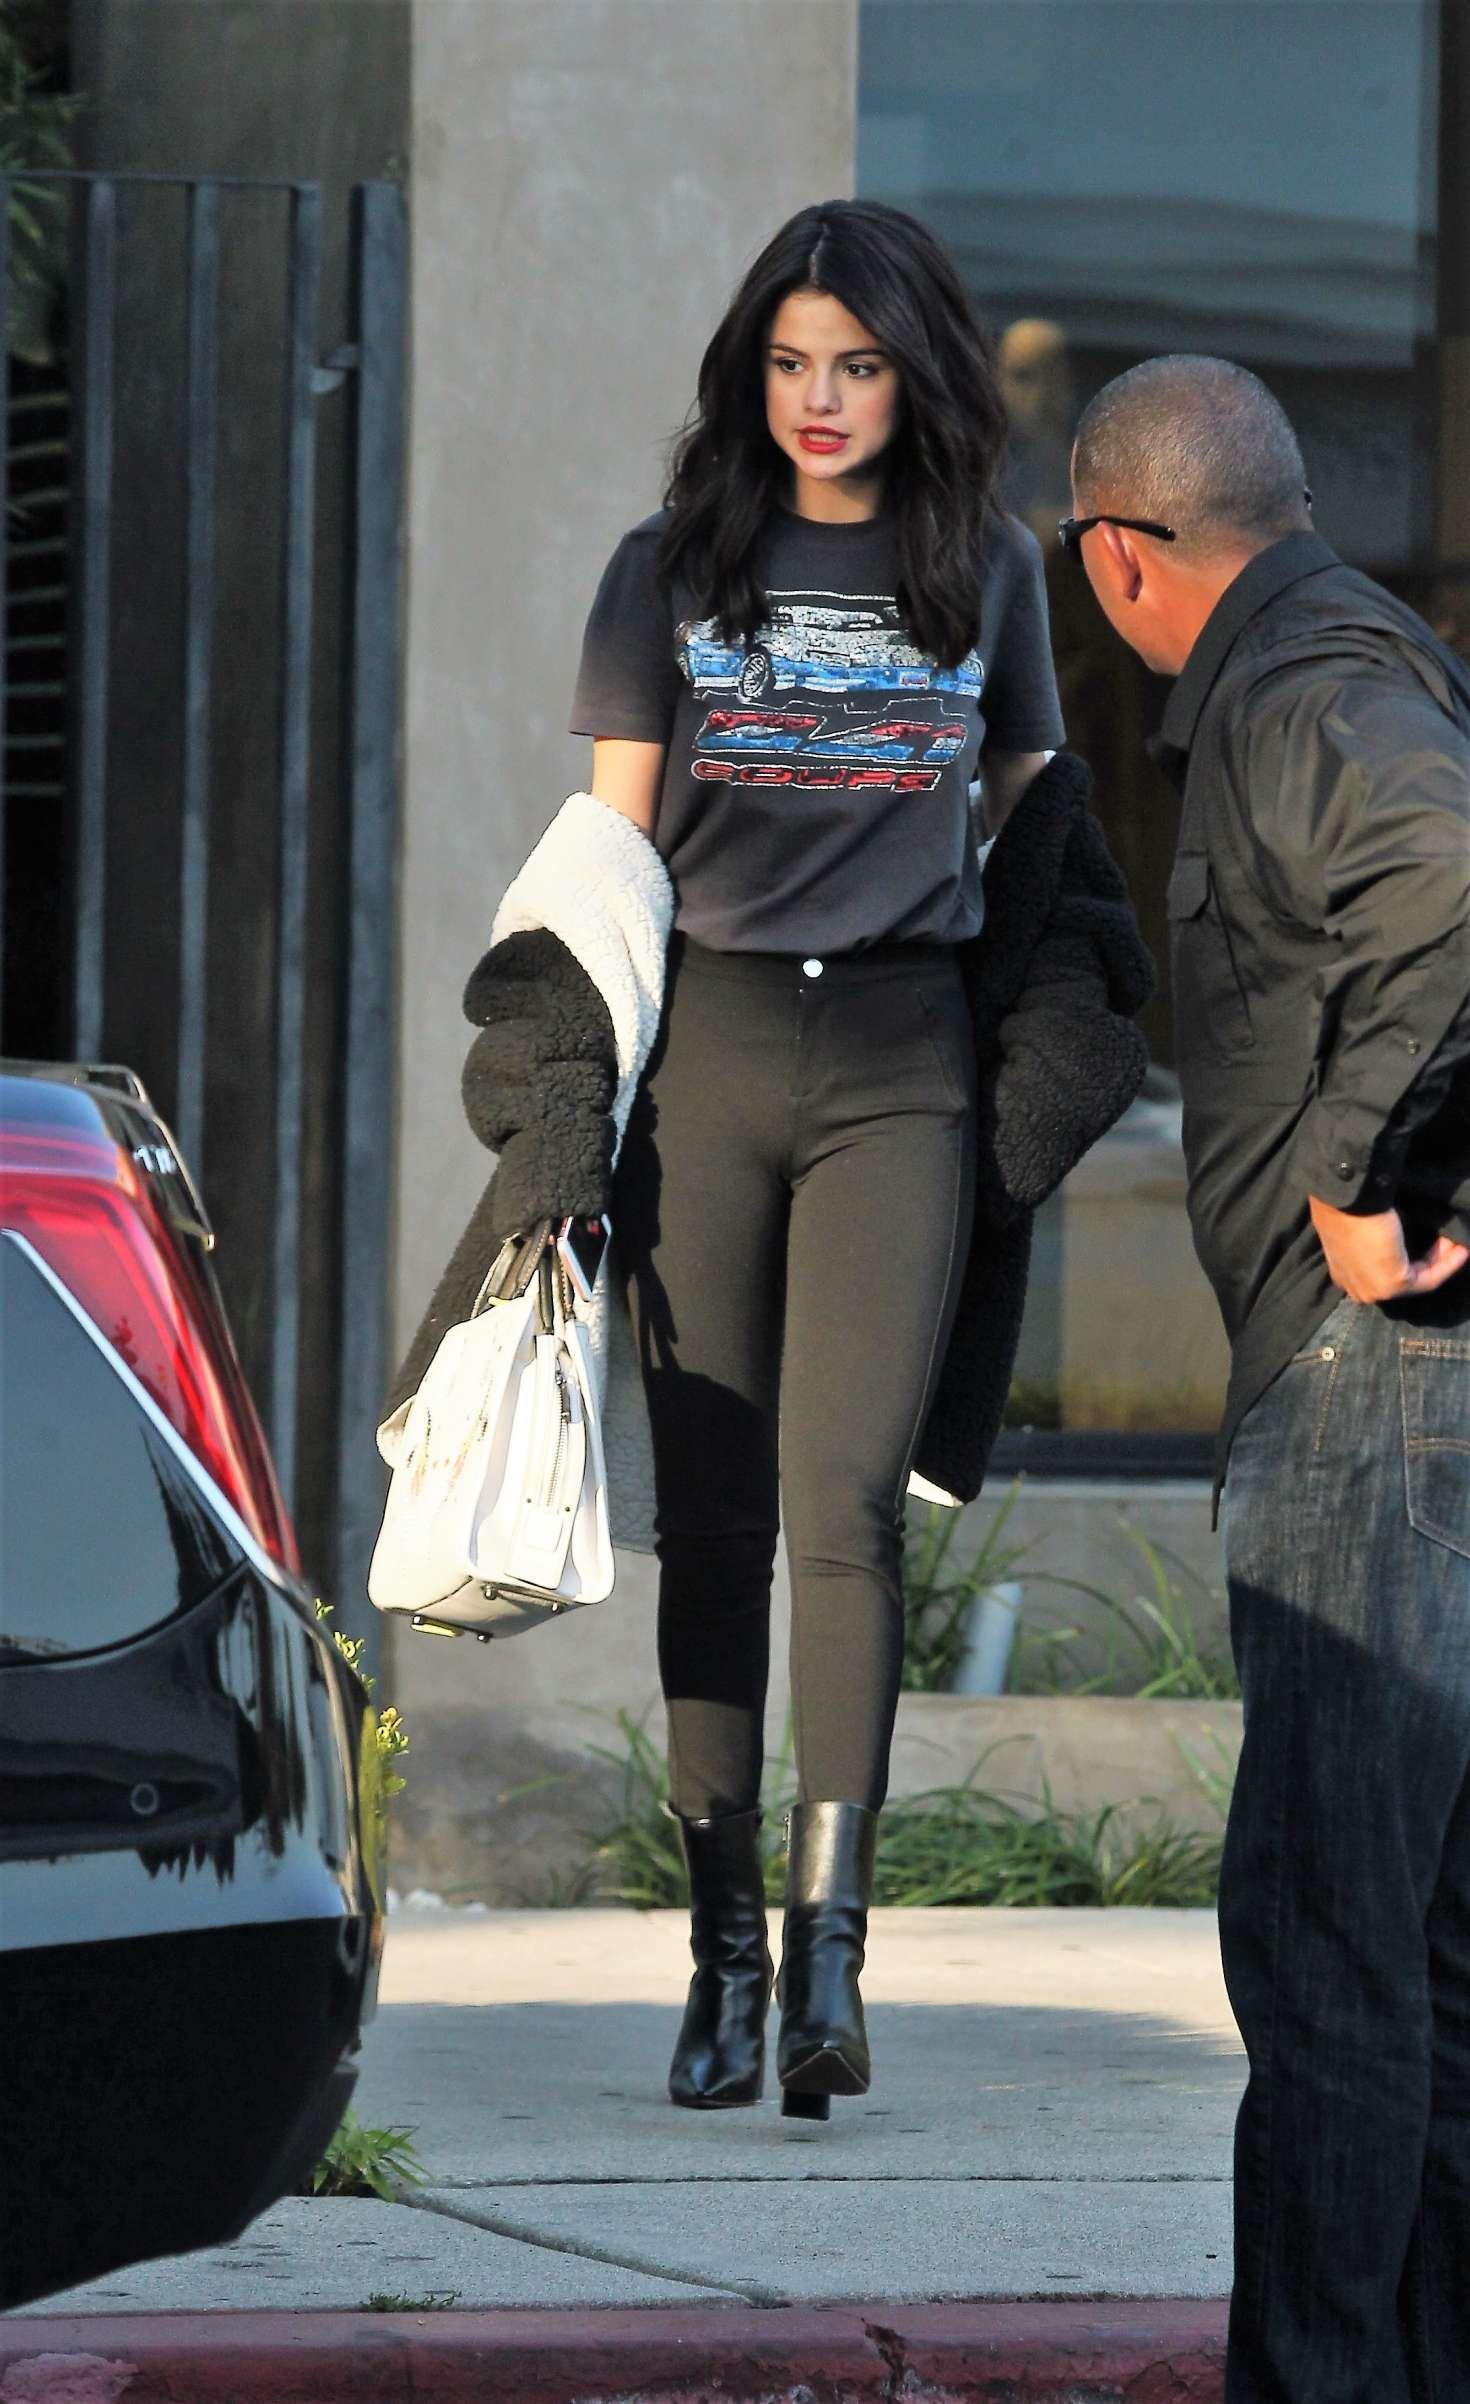 ed973fc850e2 Selena Gomez in Skinny Jeans -03 | Fashoin | Selena gomez hair ...